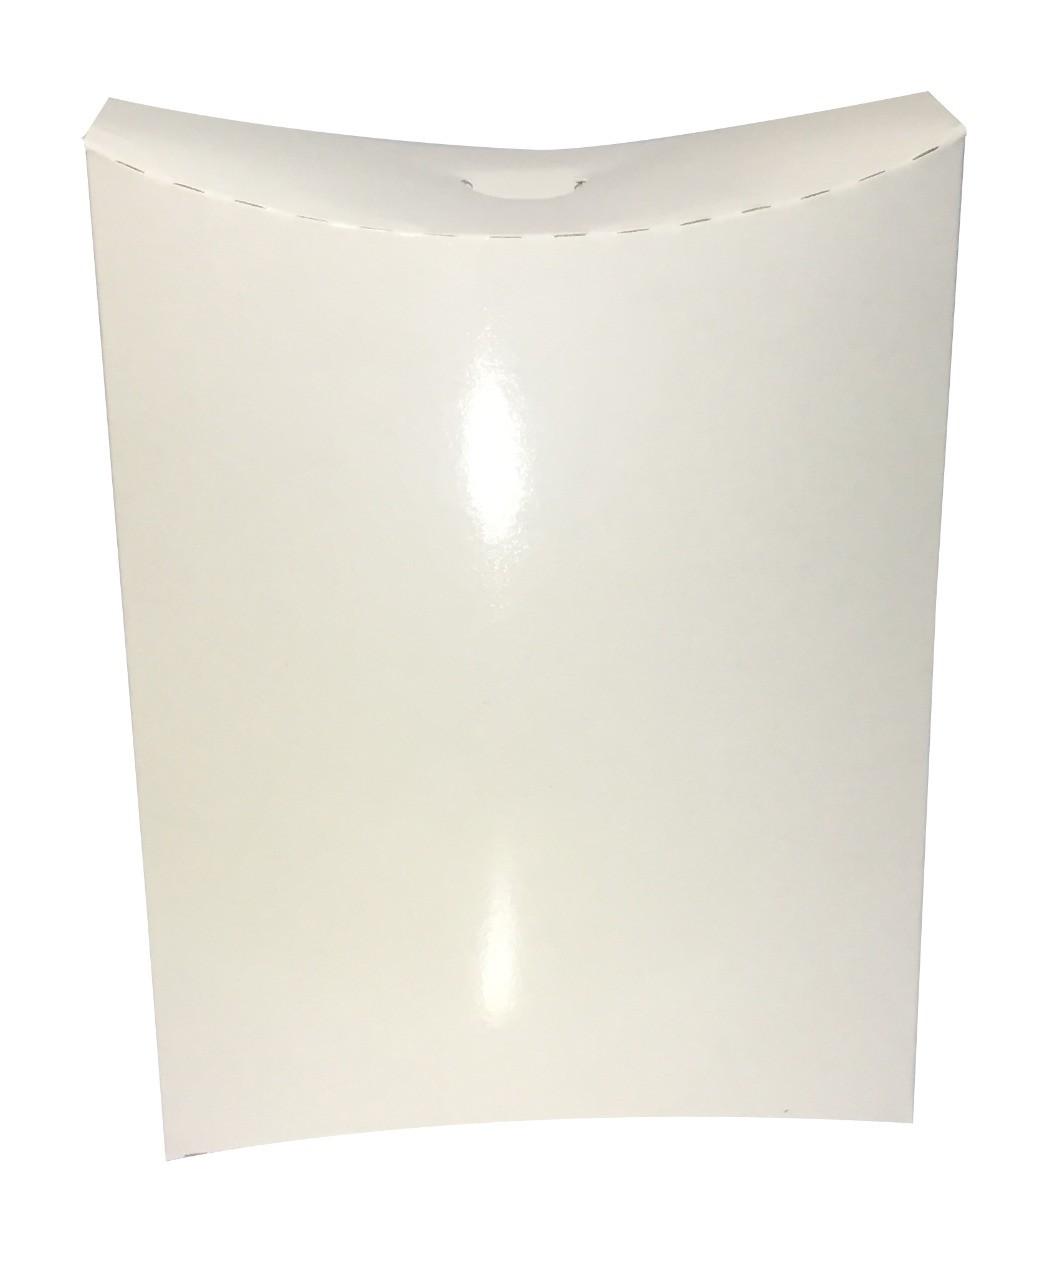 Caixa branca sublimática para camisa - 10 unidades  - ECONOMIZOU